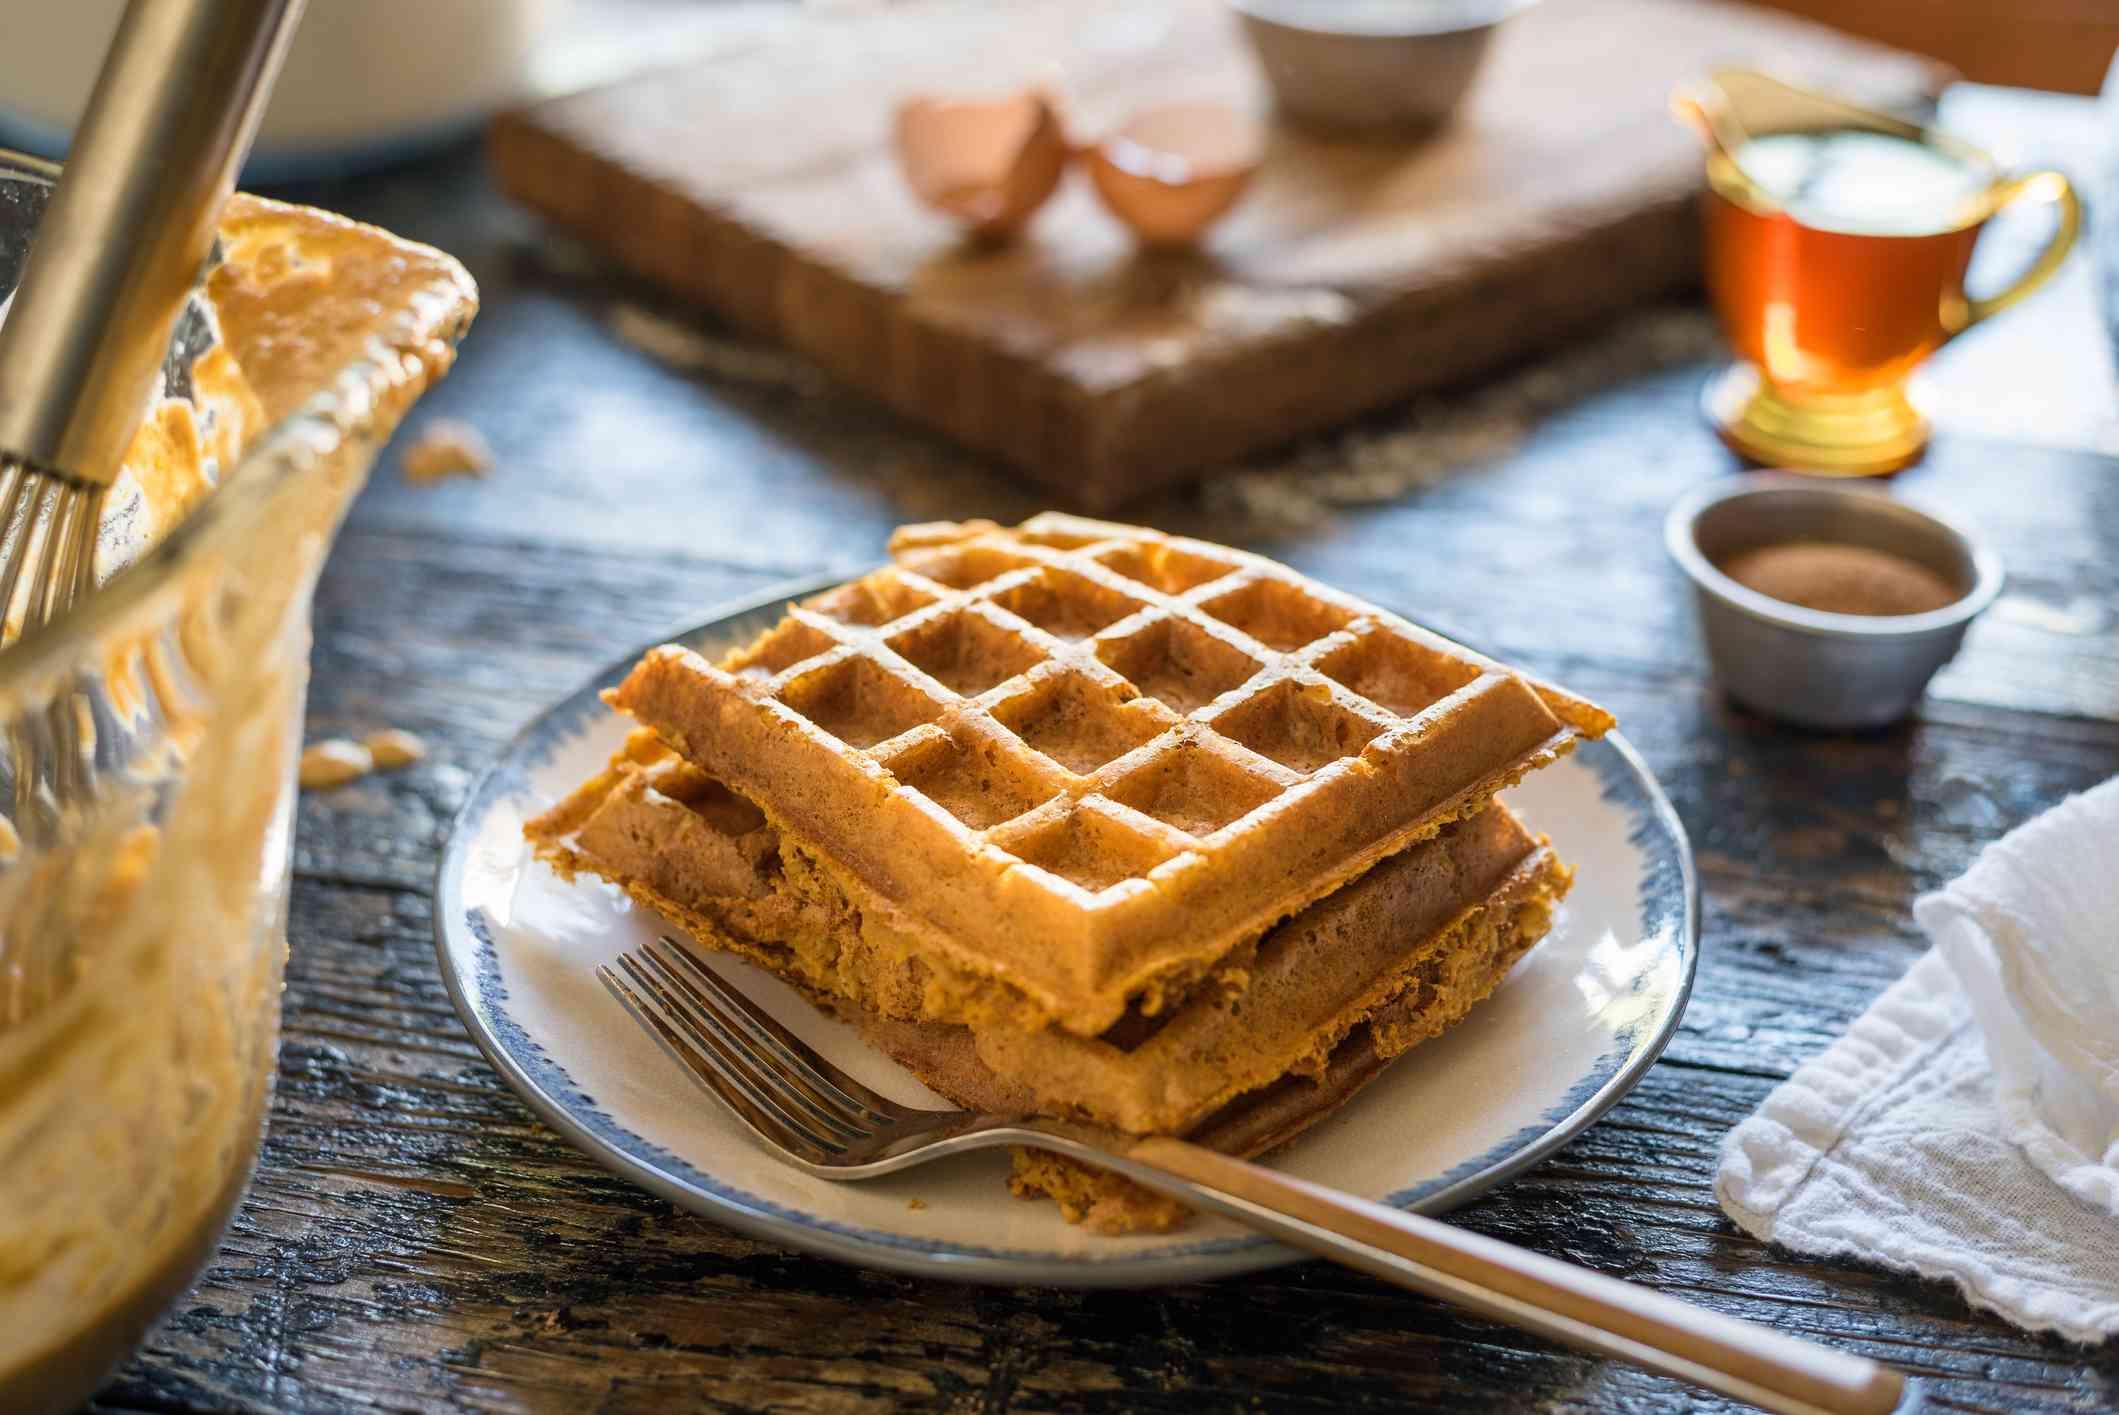 Plain waffles on plate